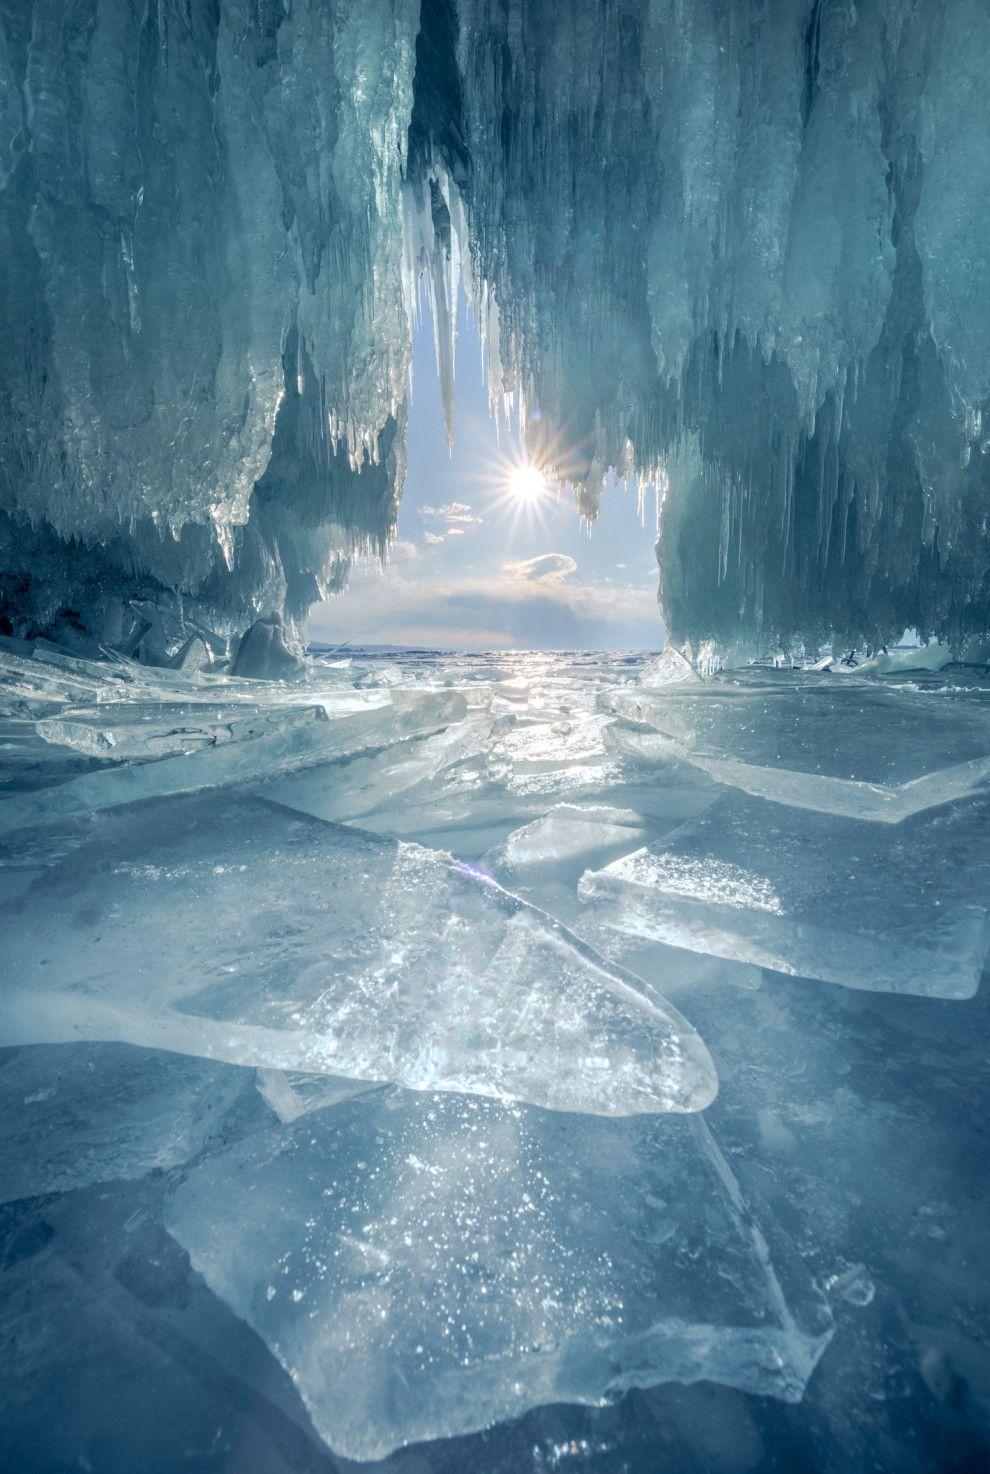 Una cueva de hielo en el lago Baikal, Rusia.